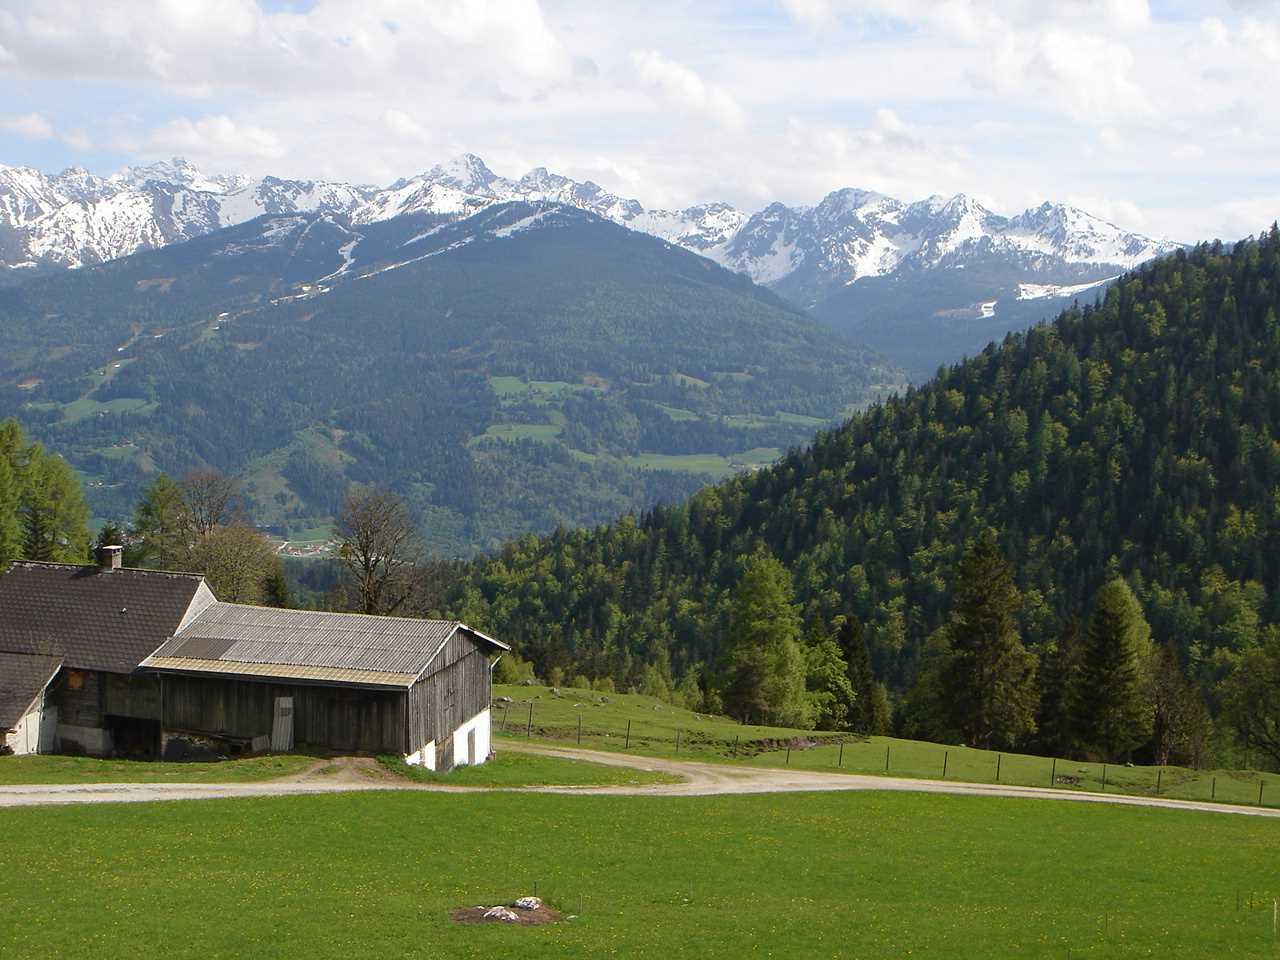 Foto: Manfred Karl / Wander Tour / Luserriedel / Schon beim Aufstieg eröffnet sich immer wieder die Schau zu den Schladminger Tauern. / 18.05.2007 06:32:27